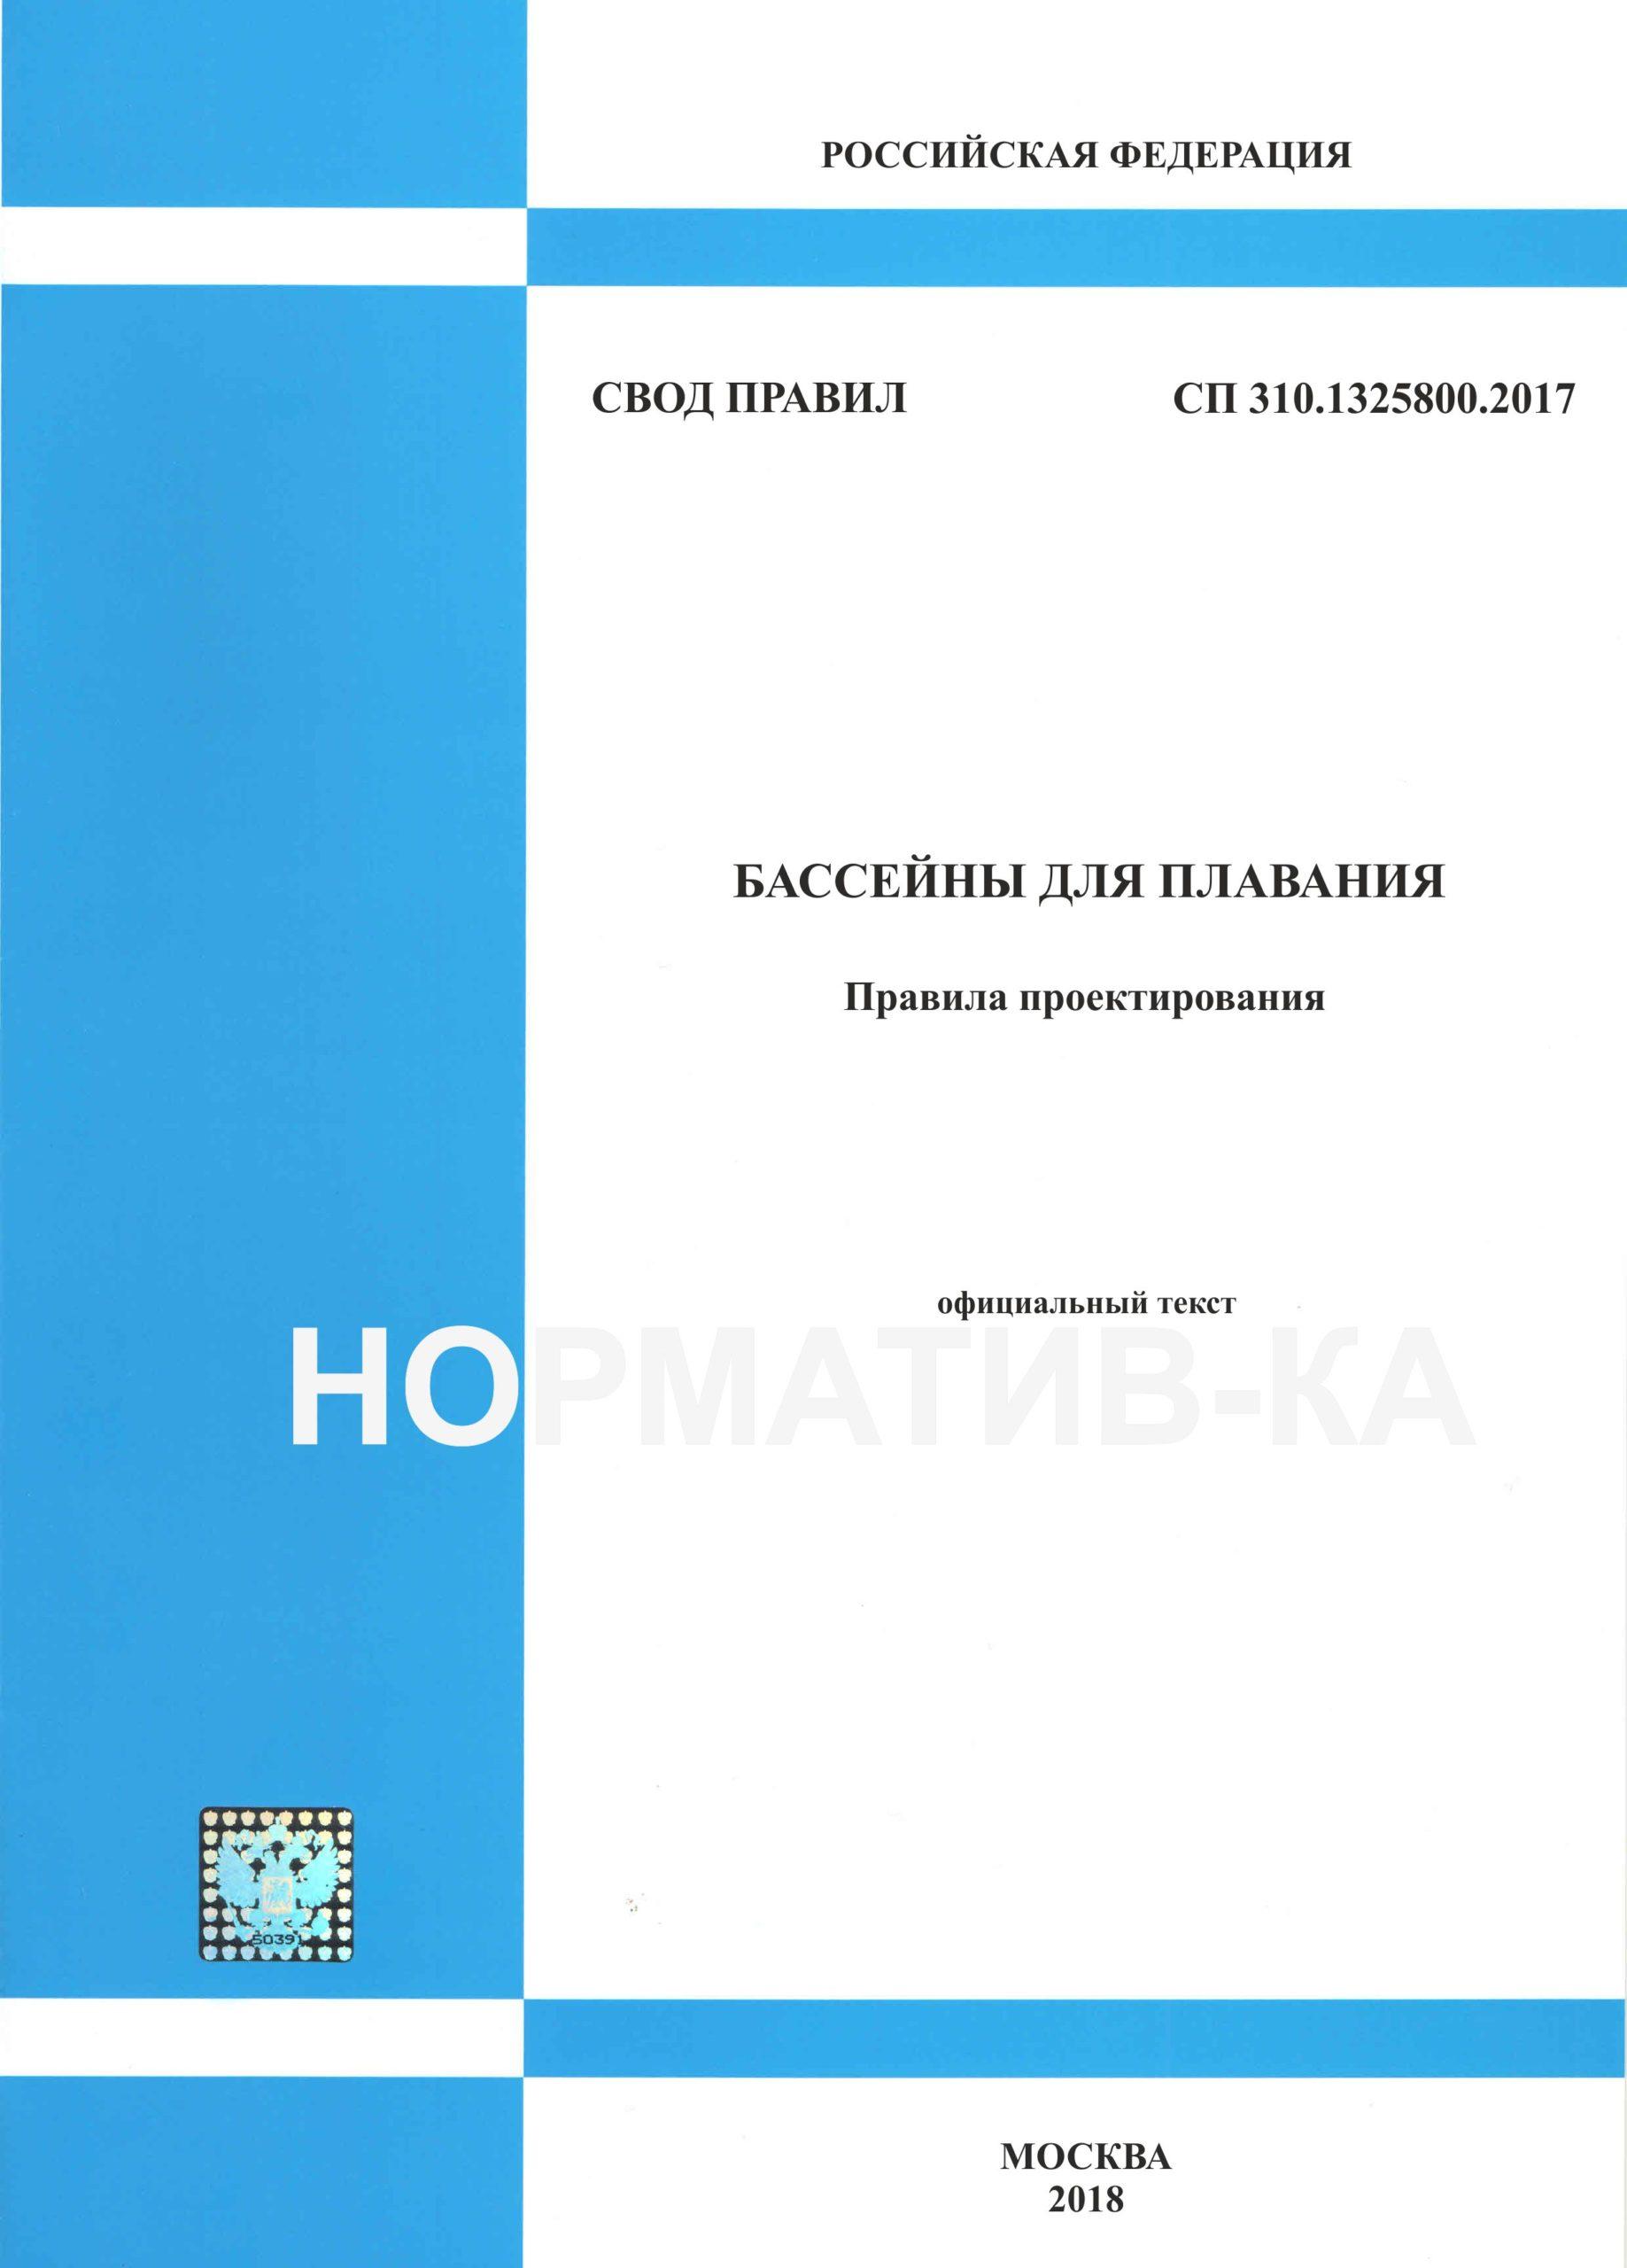 СП 310.1325800.2017